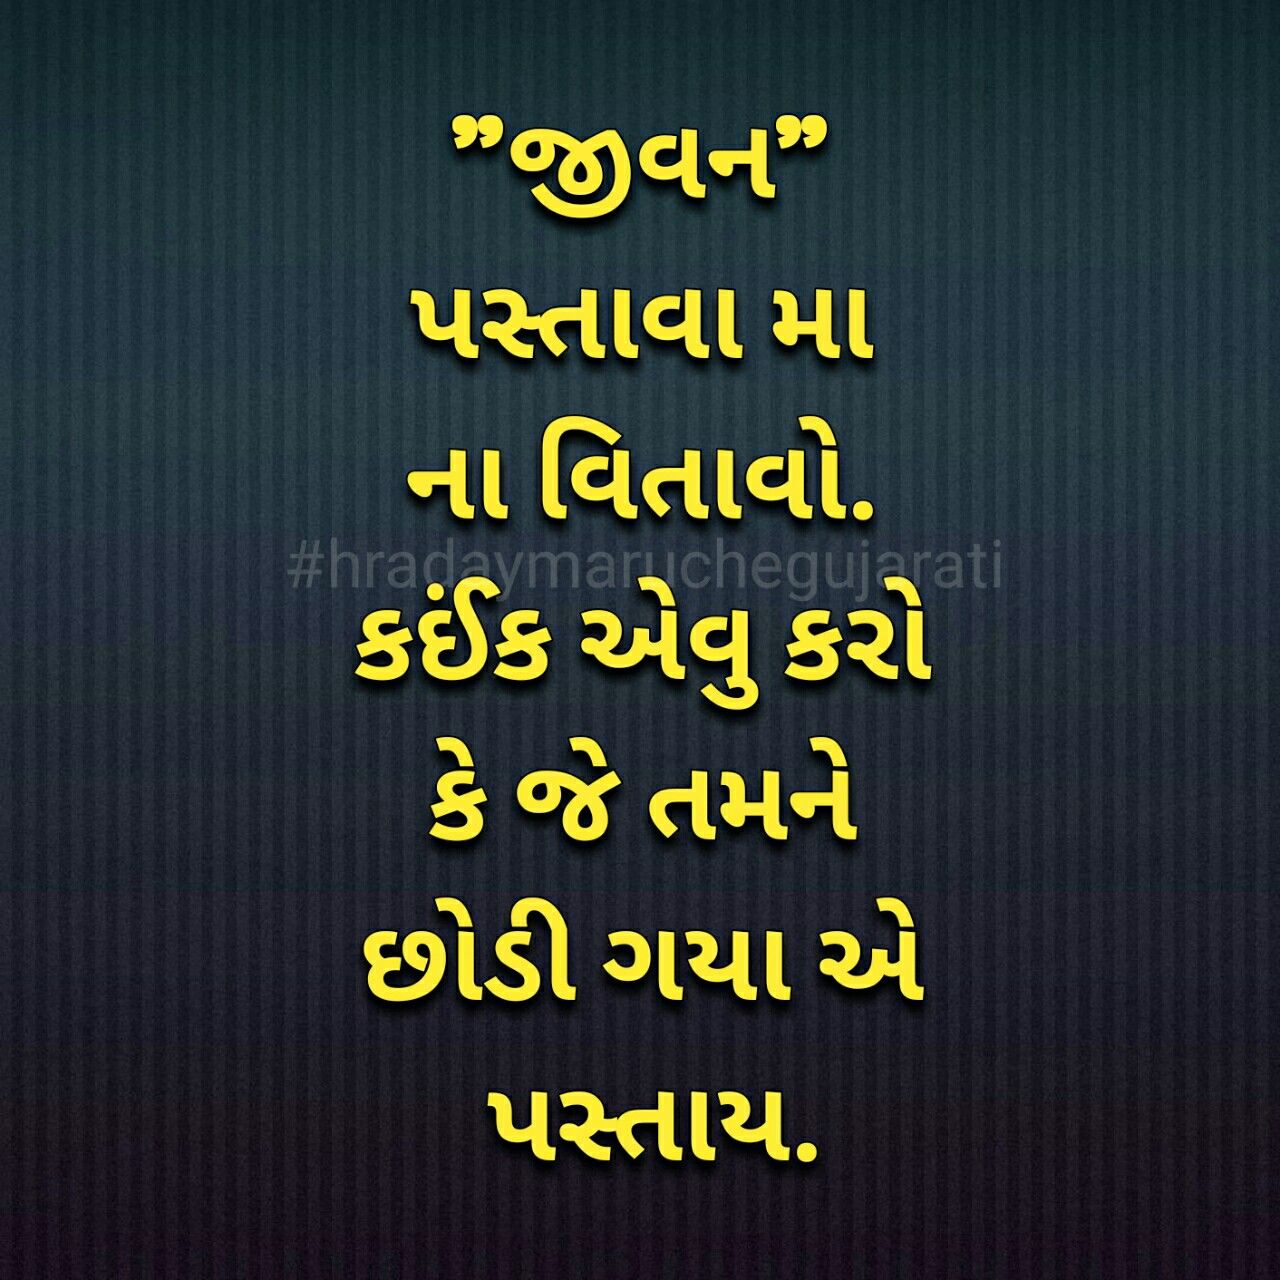 Gujarat quote